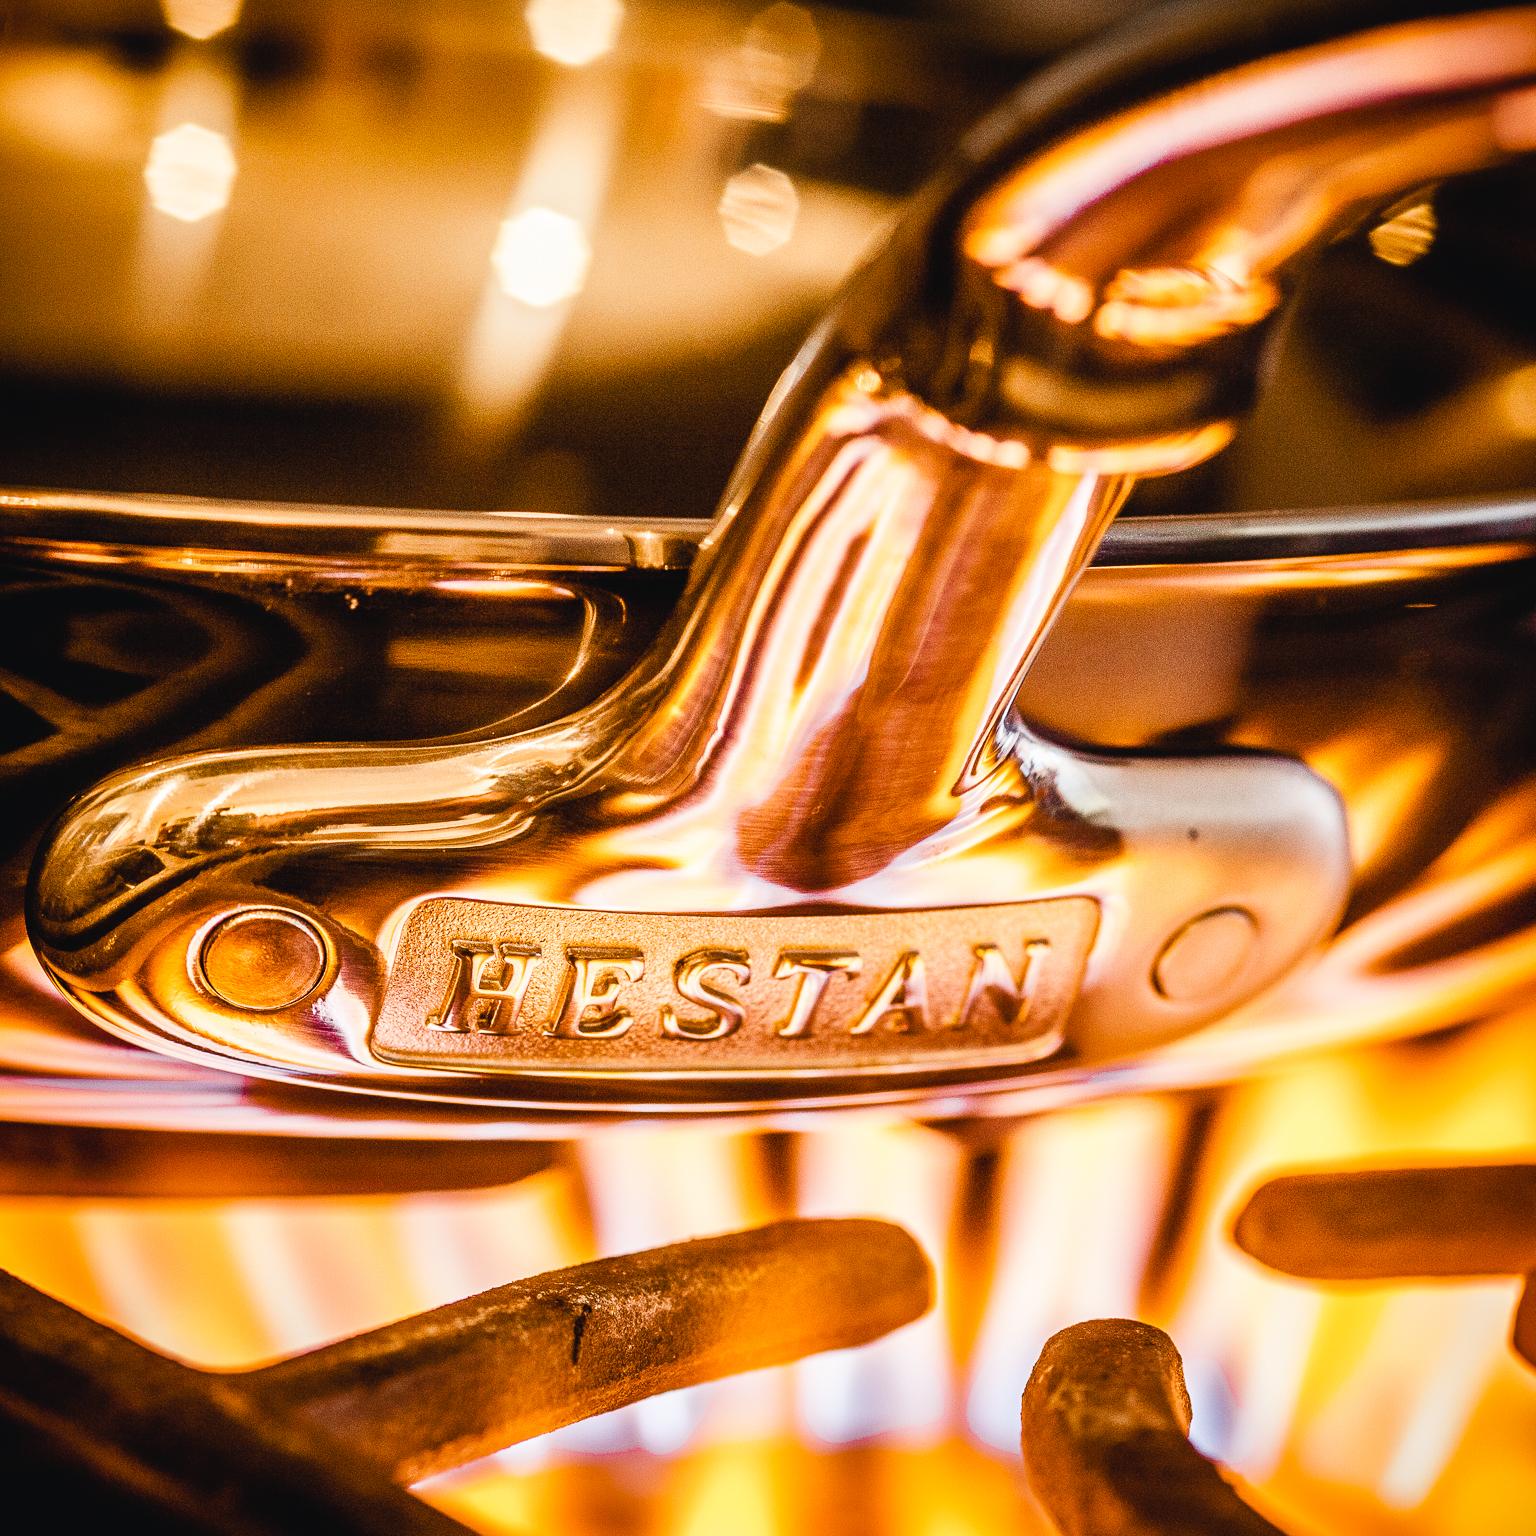 Hestan Brand Ambassador @ thatothercookingblog.com